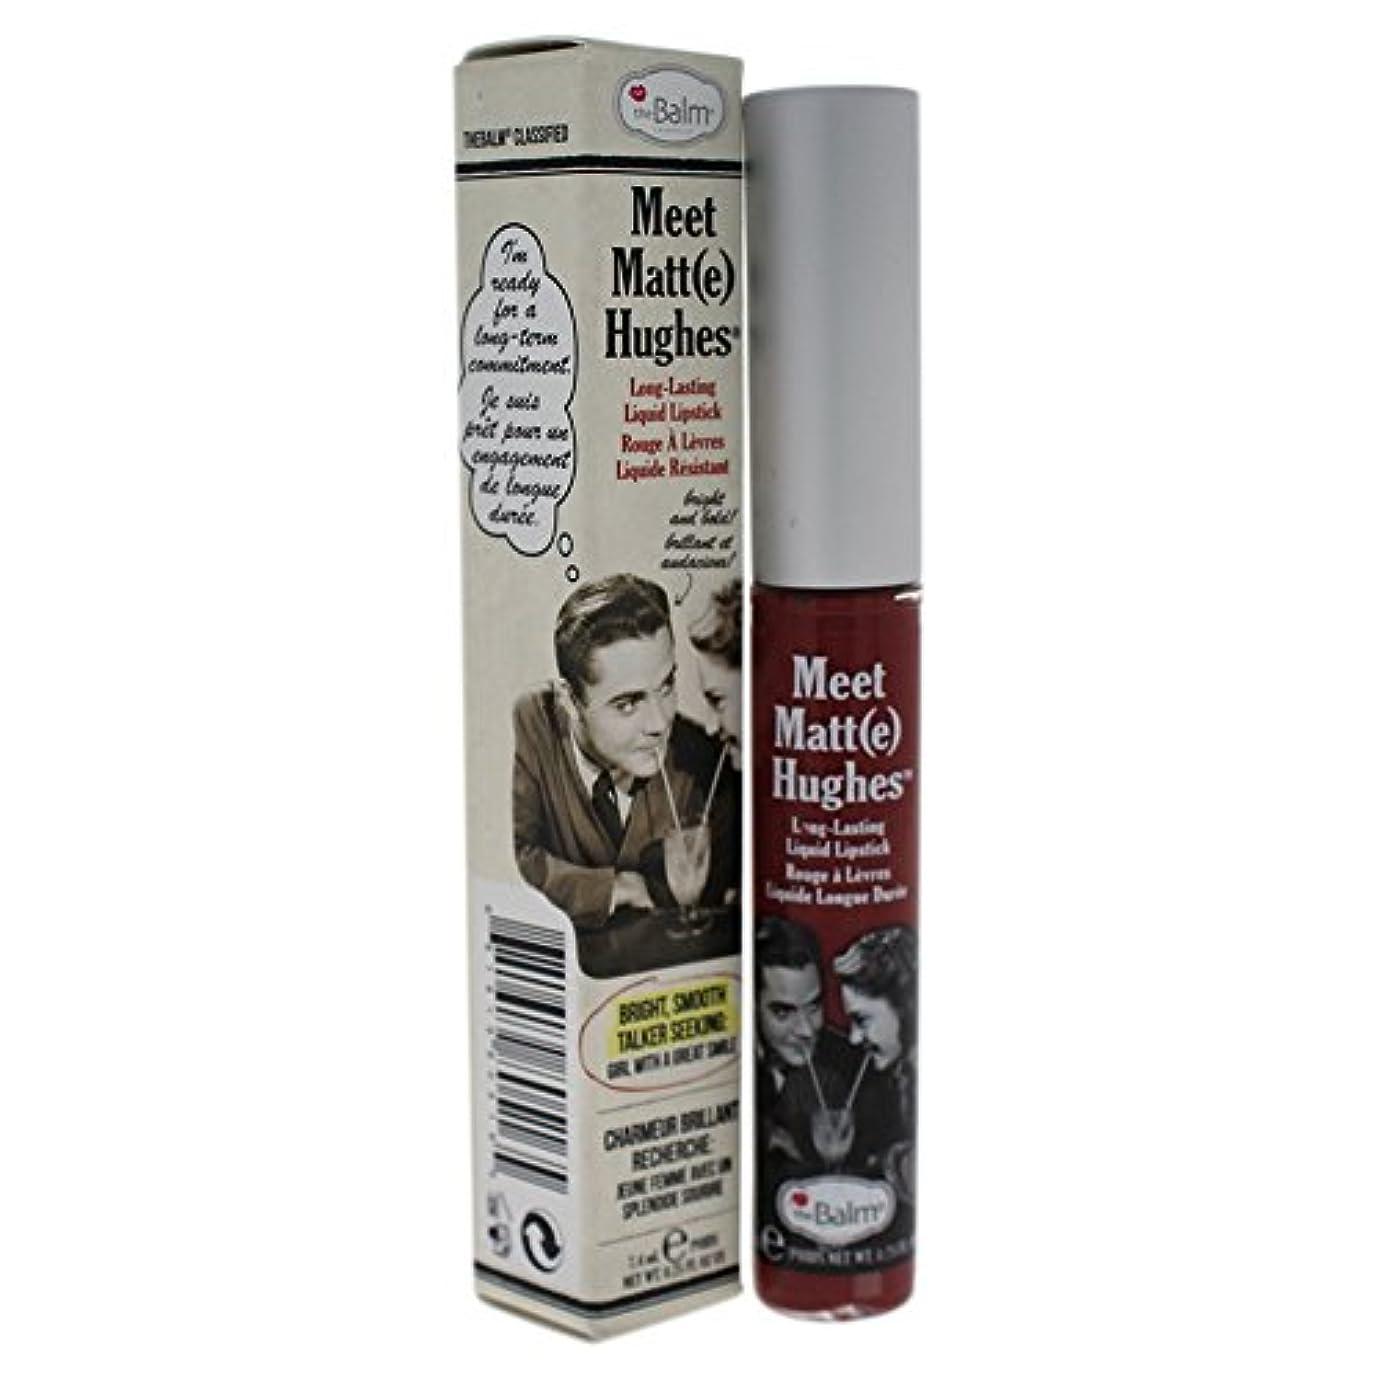 酸度湖傭兵ザバーム Meet Matte Hughes Long Lasting Liquid Lipstick - Charming 7.4ml/0.25oz並行輸入品